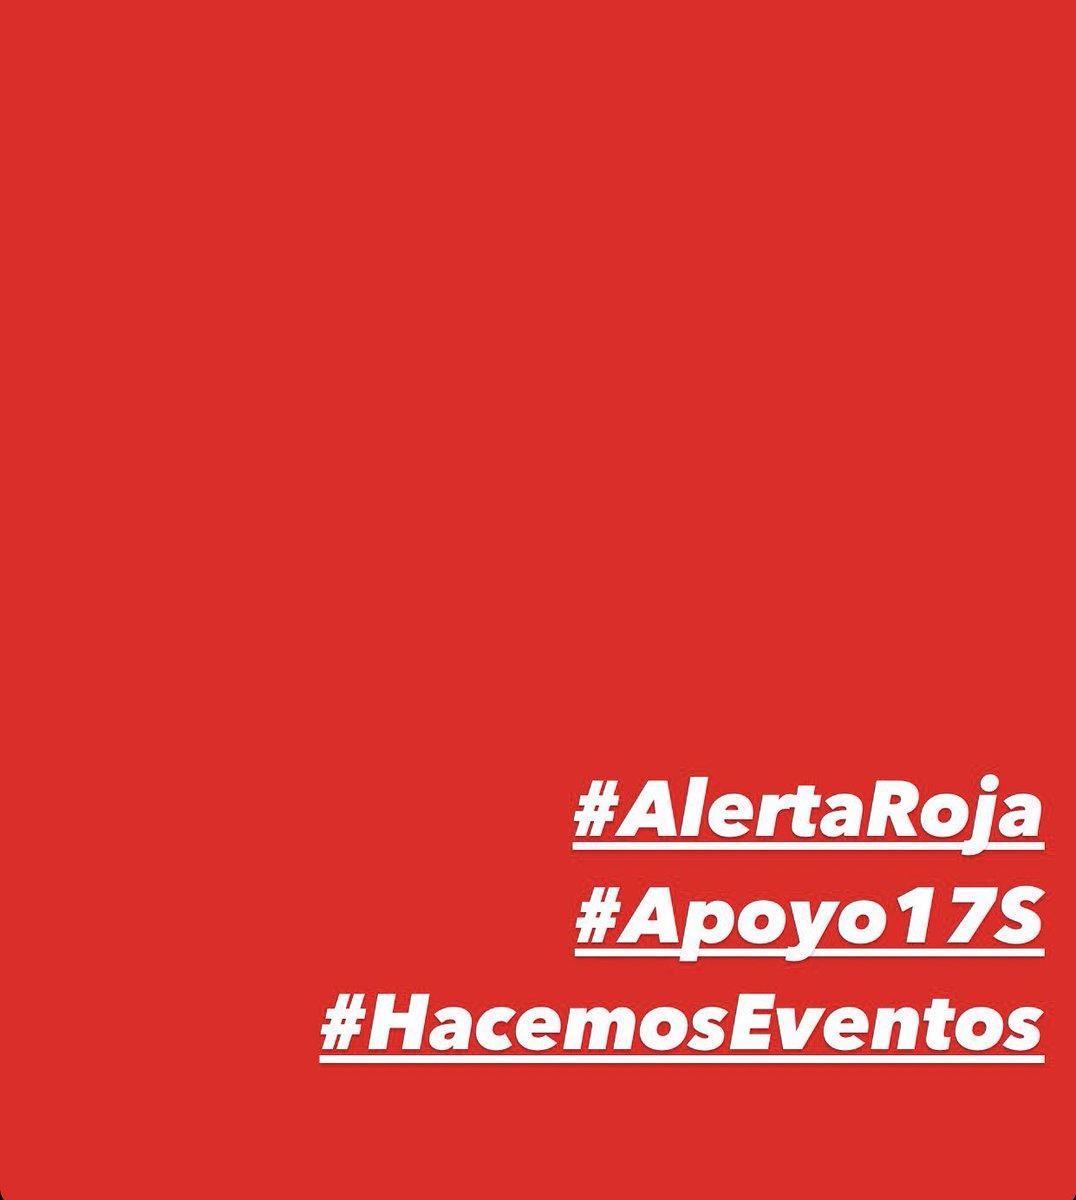 #AlertaRoja #HacemosEventos #Apoyo17S https://t.co/HVw2ZBjxJC